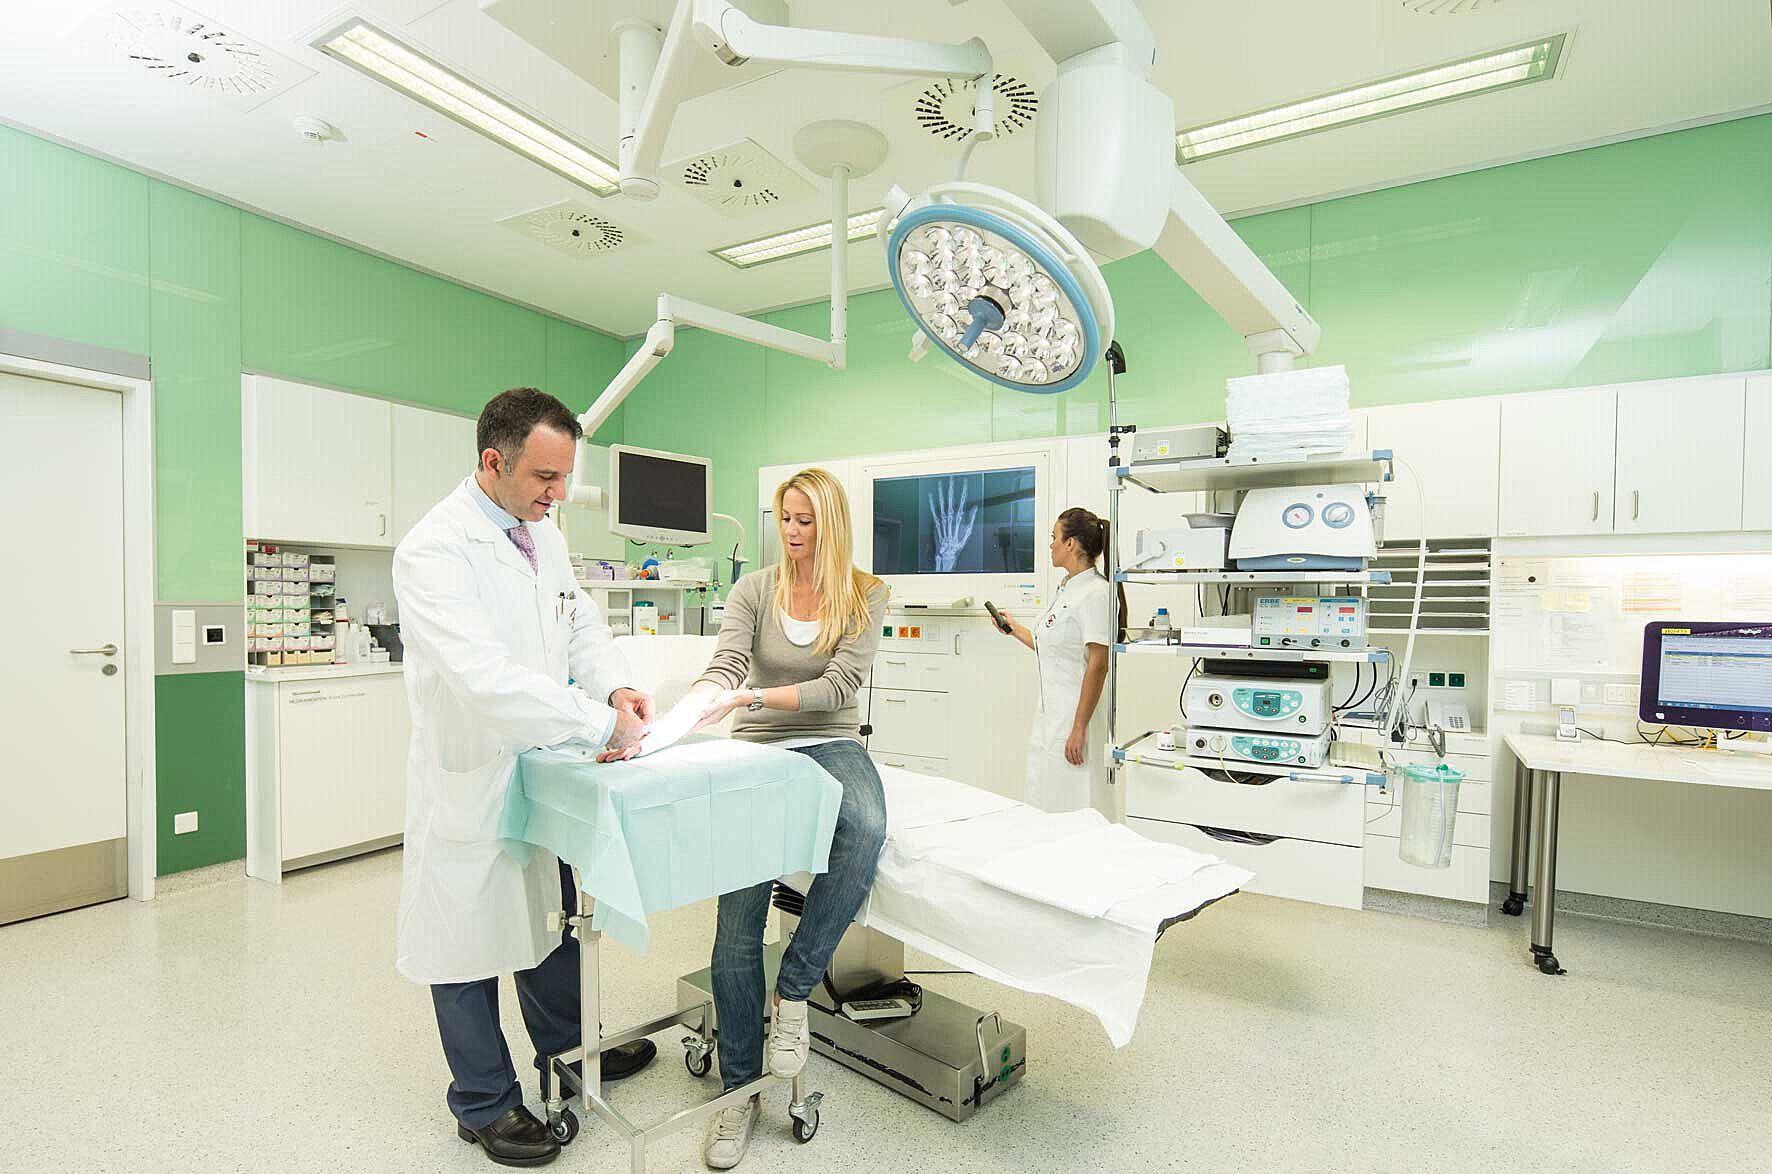 Продвижение частной клиники